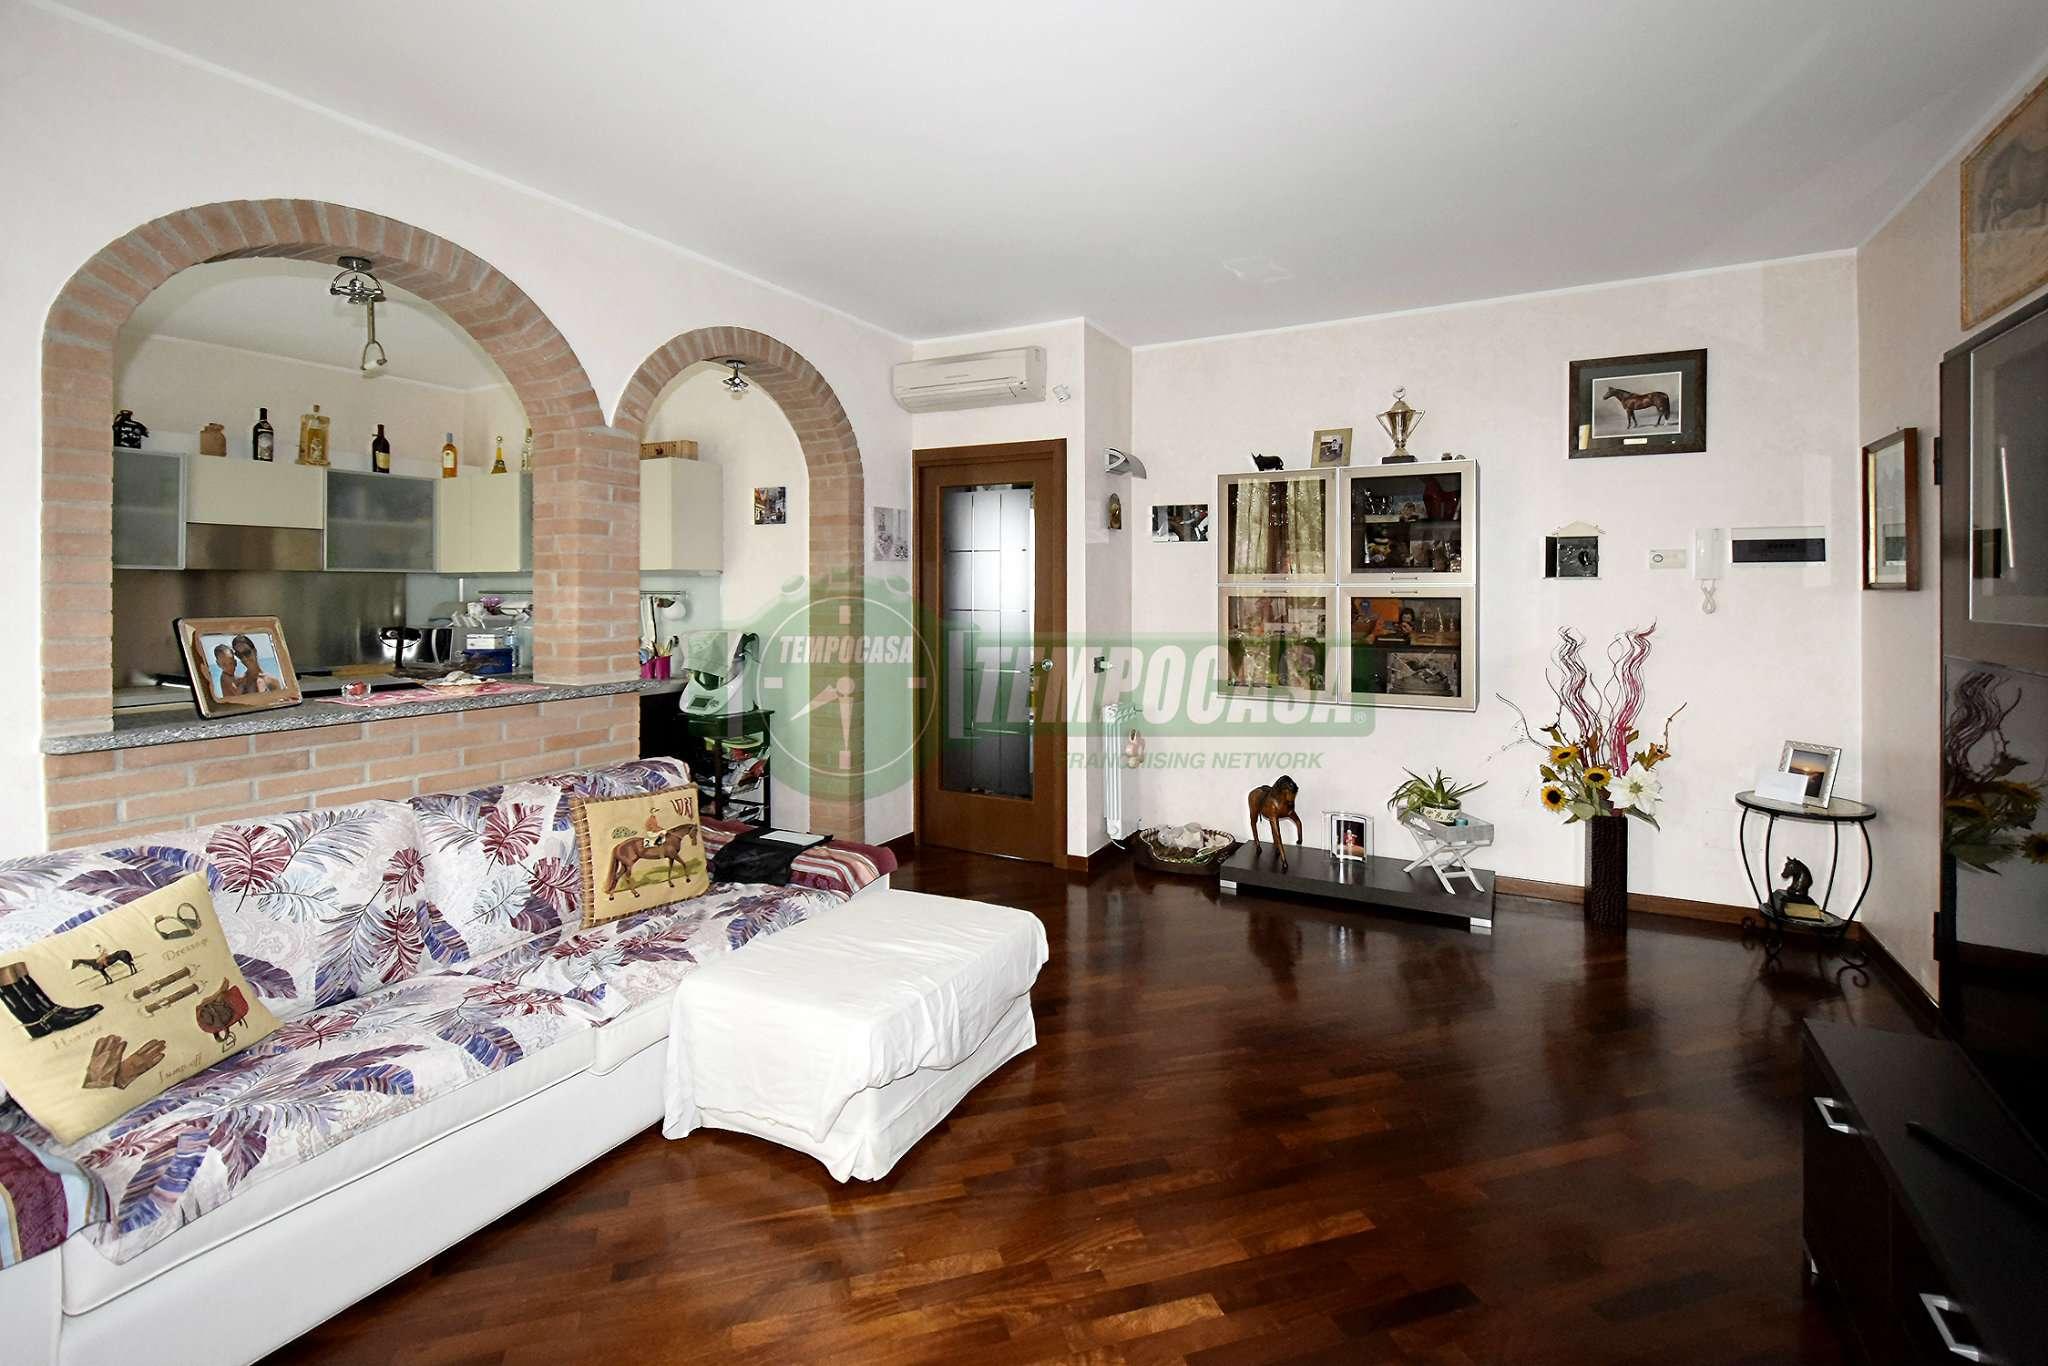 Appartamento in vendita a Settimo Milanese, 3 locali, prezzo € 210.000 | CambioCasa.it